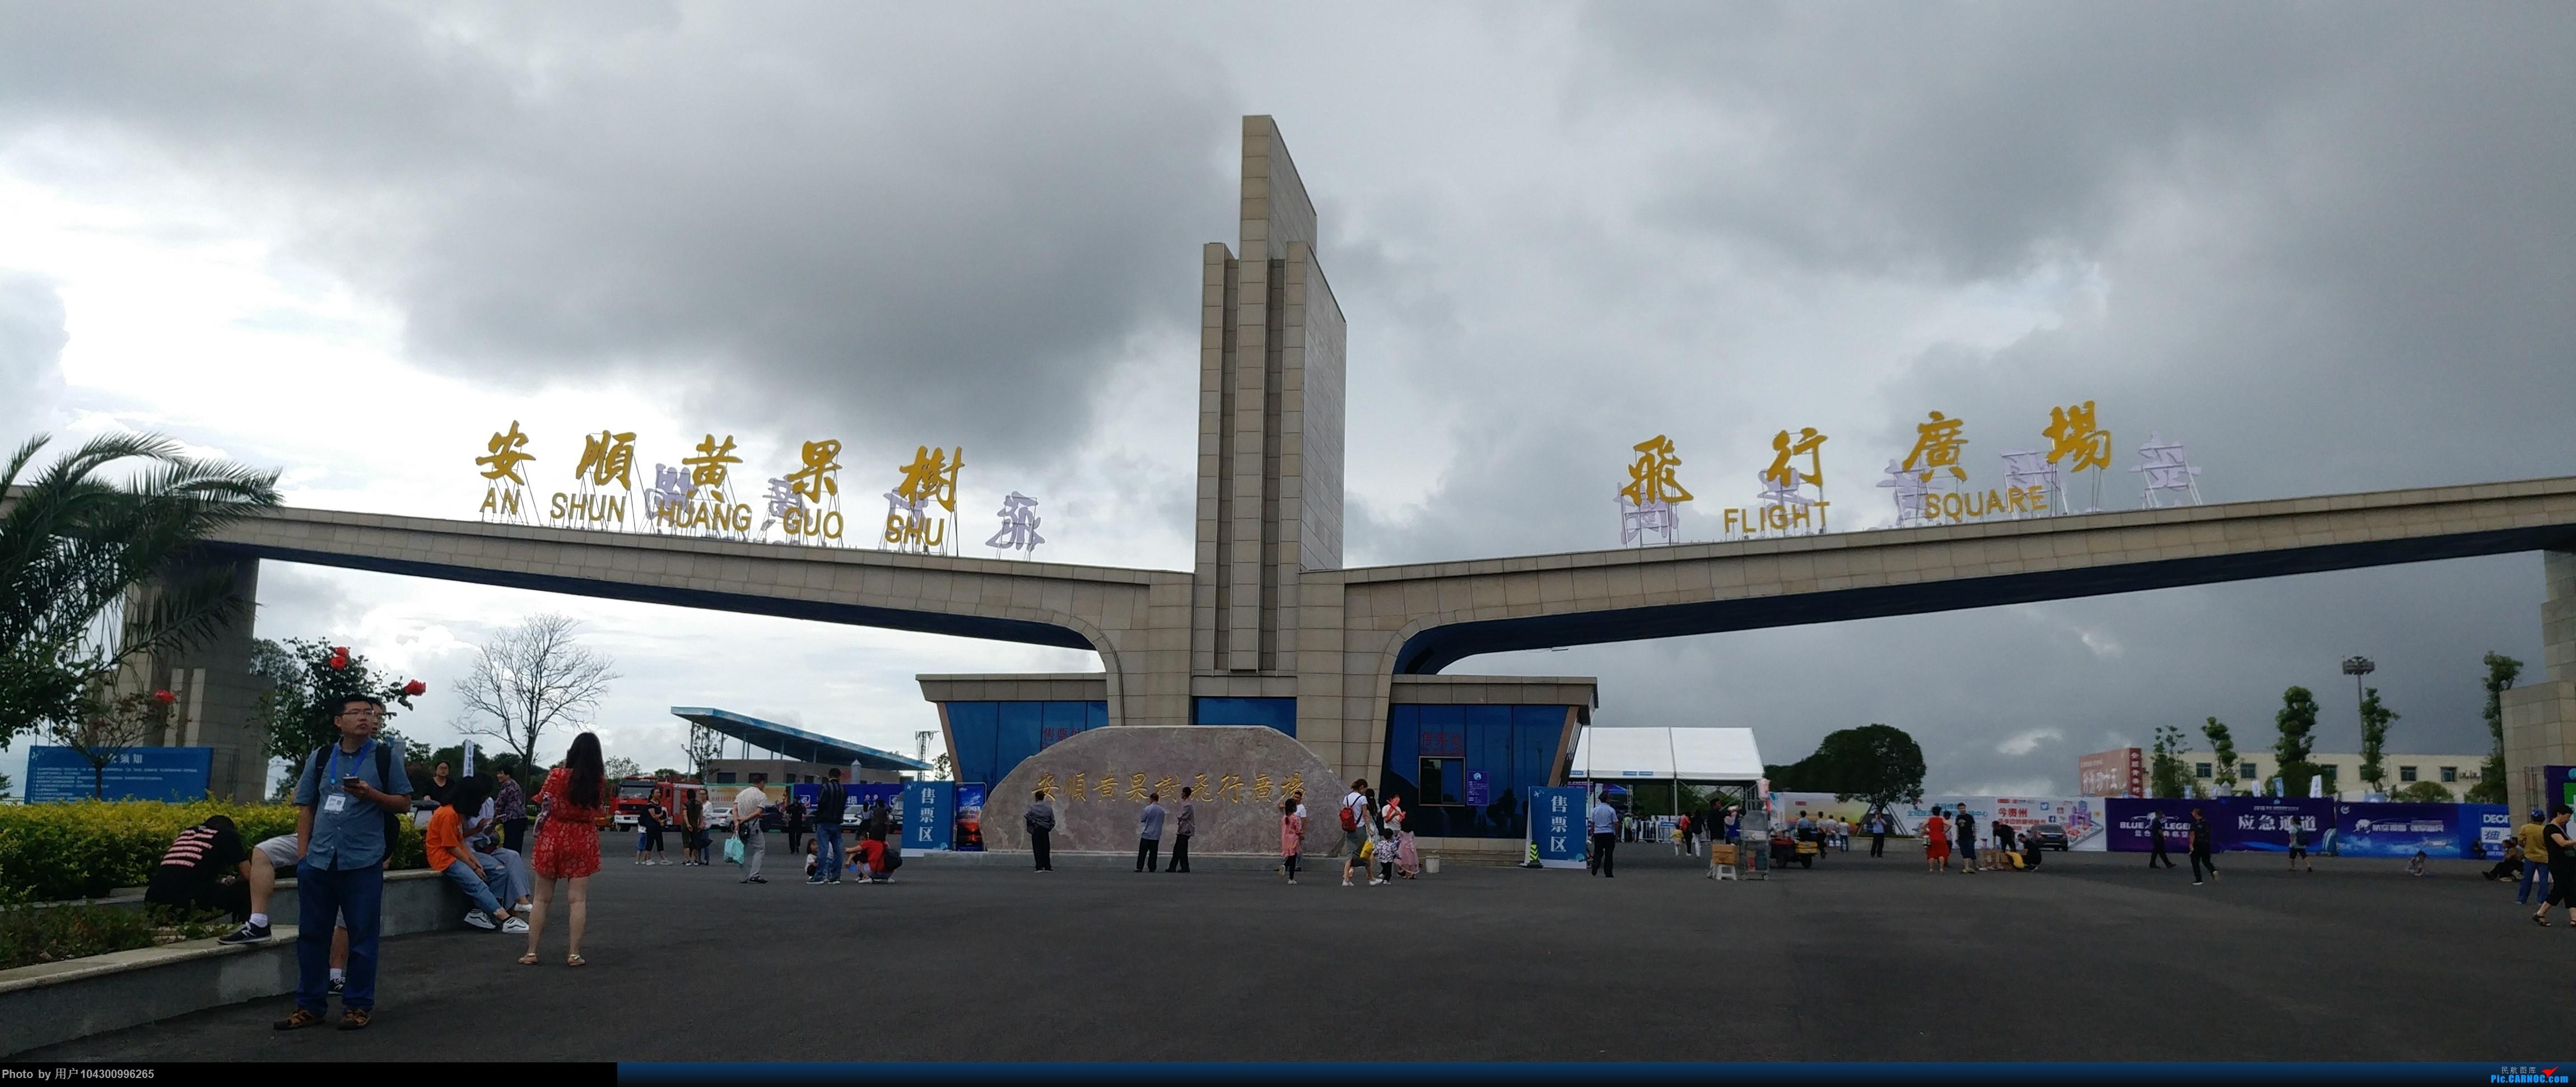 [原创]贵州安顺黄果树飞行大会    中国安顺黄果树机场